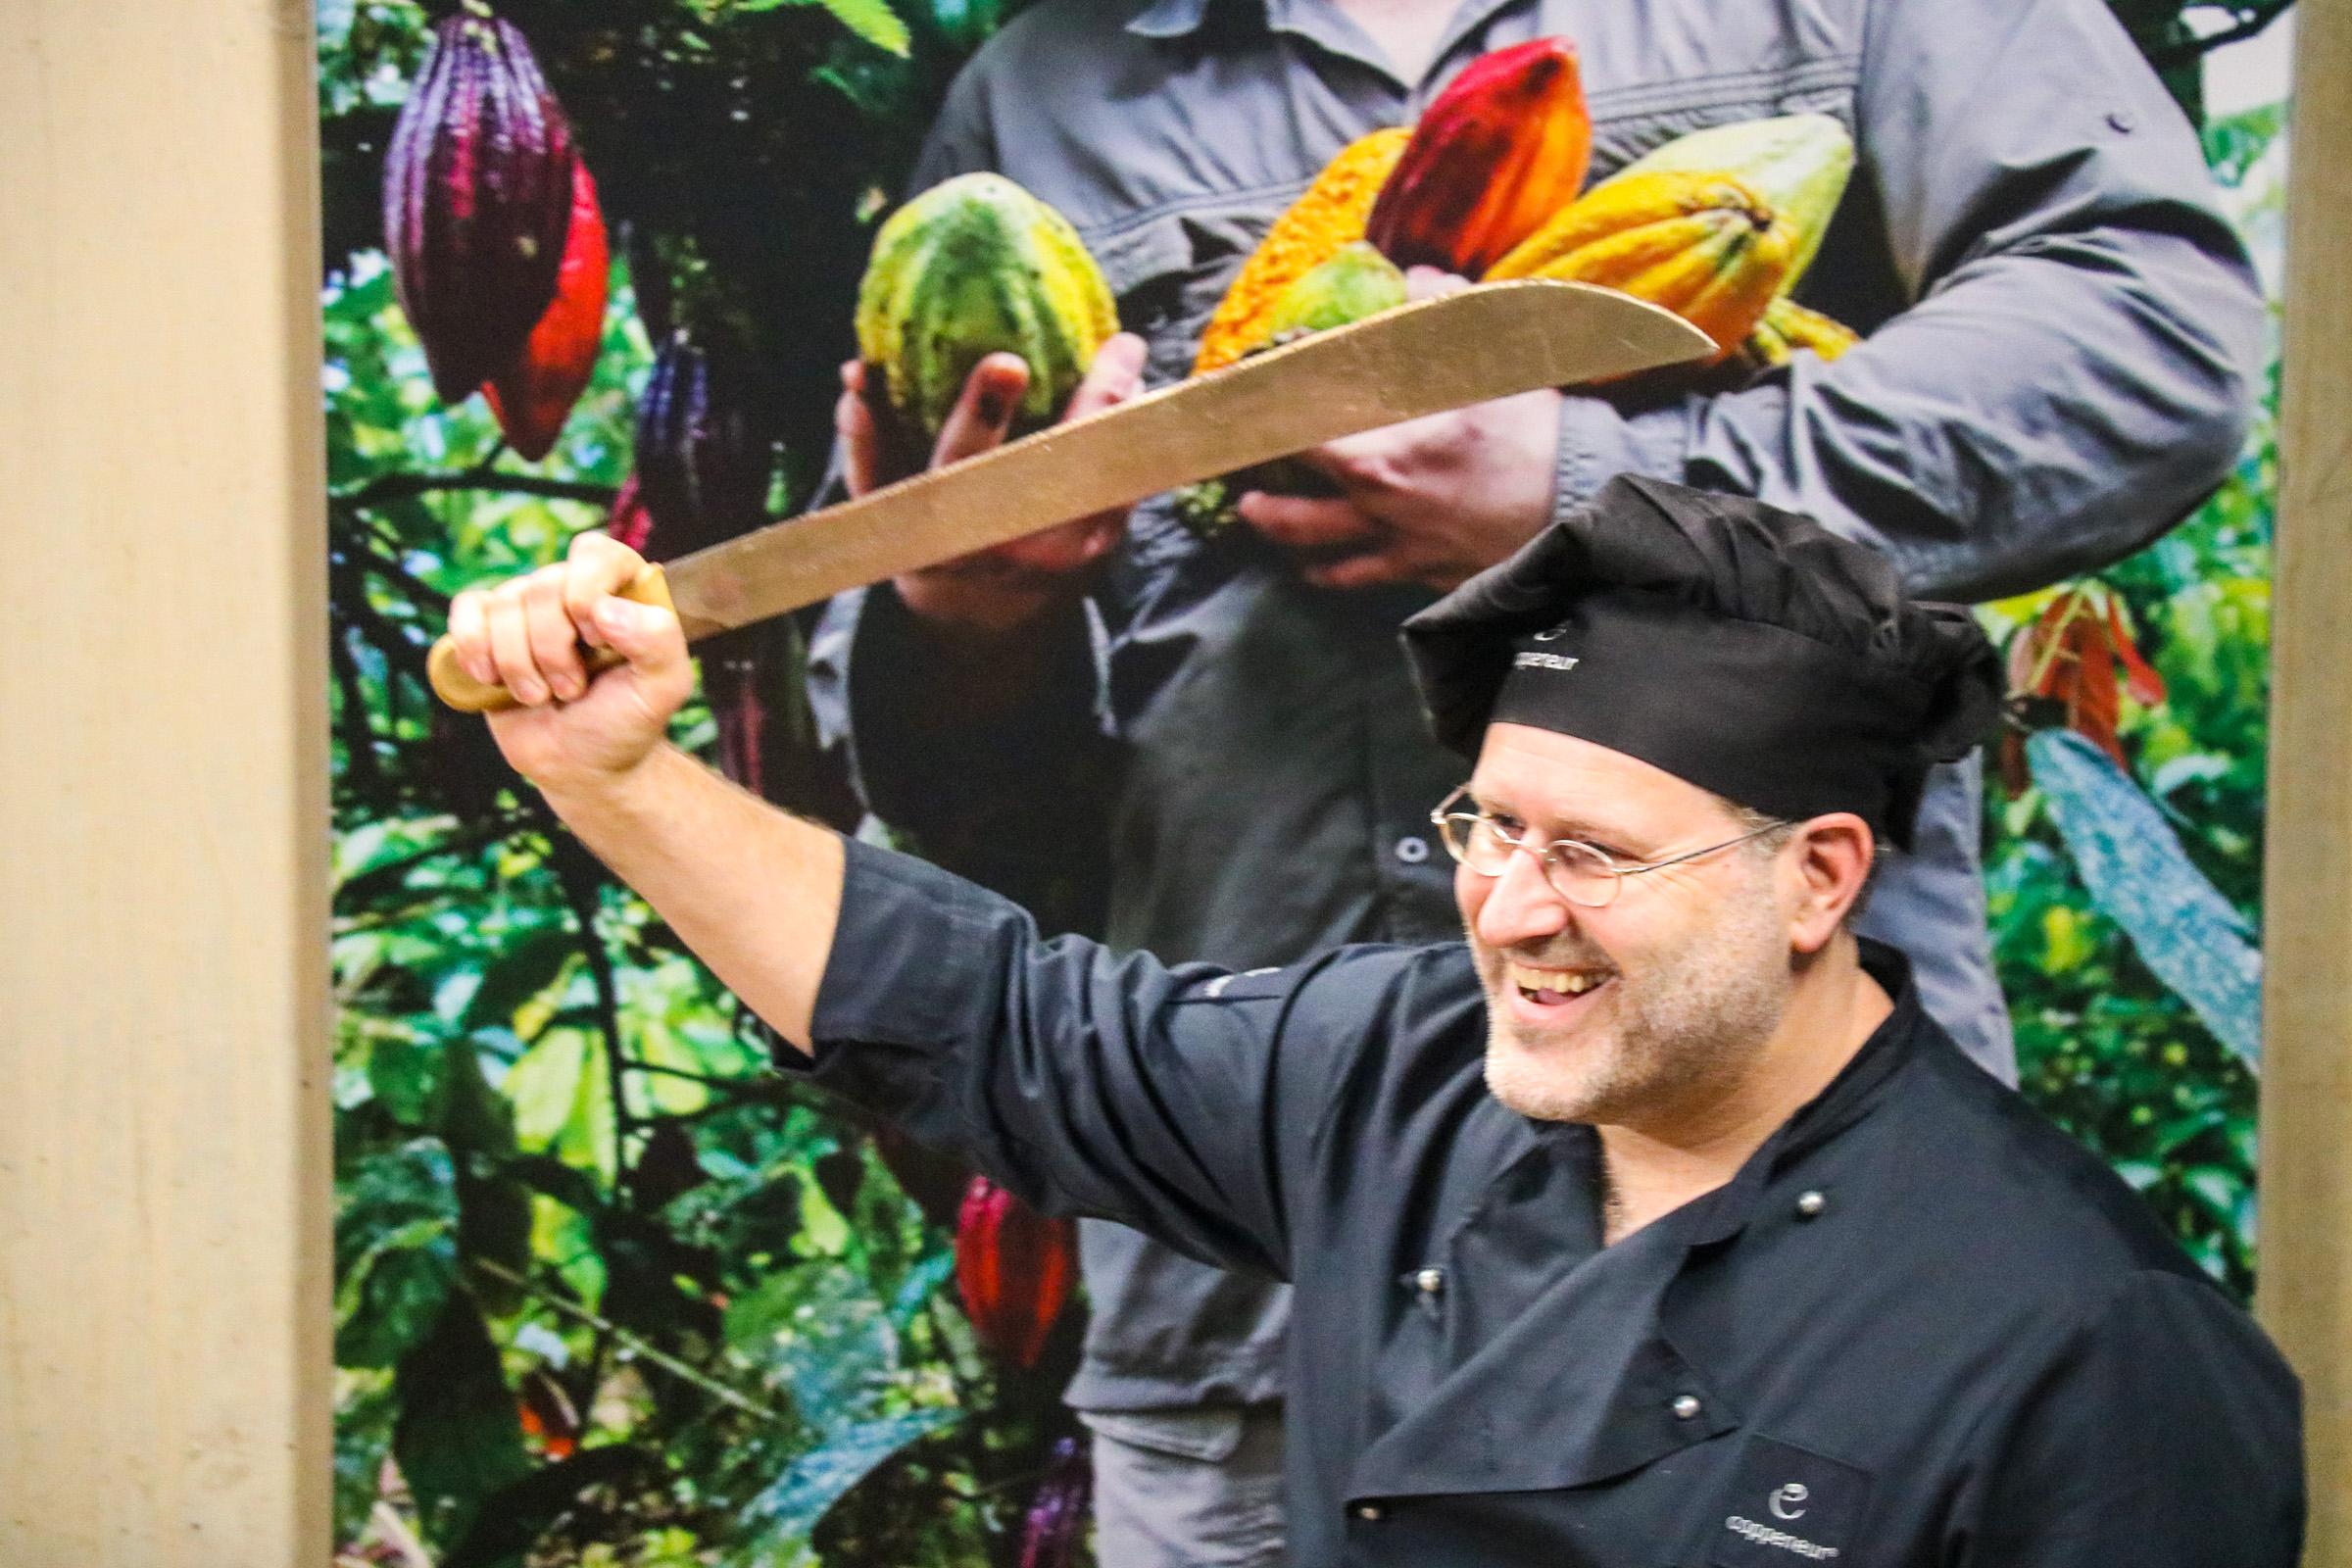 Ein Mann mit schwarzer Kochmütze hält schräg über seinen Kopf eine Machete. Er lacht.